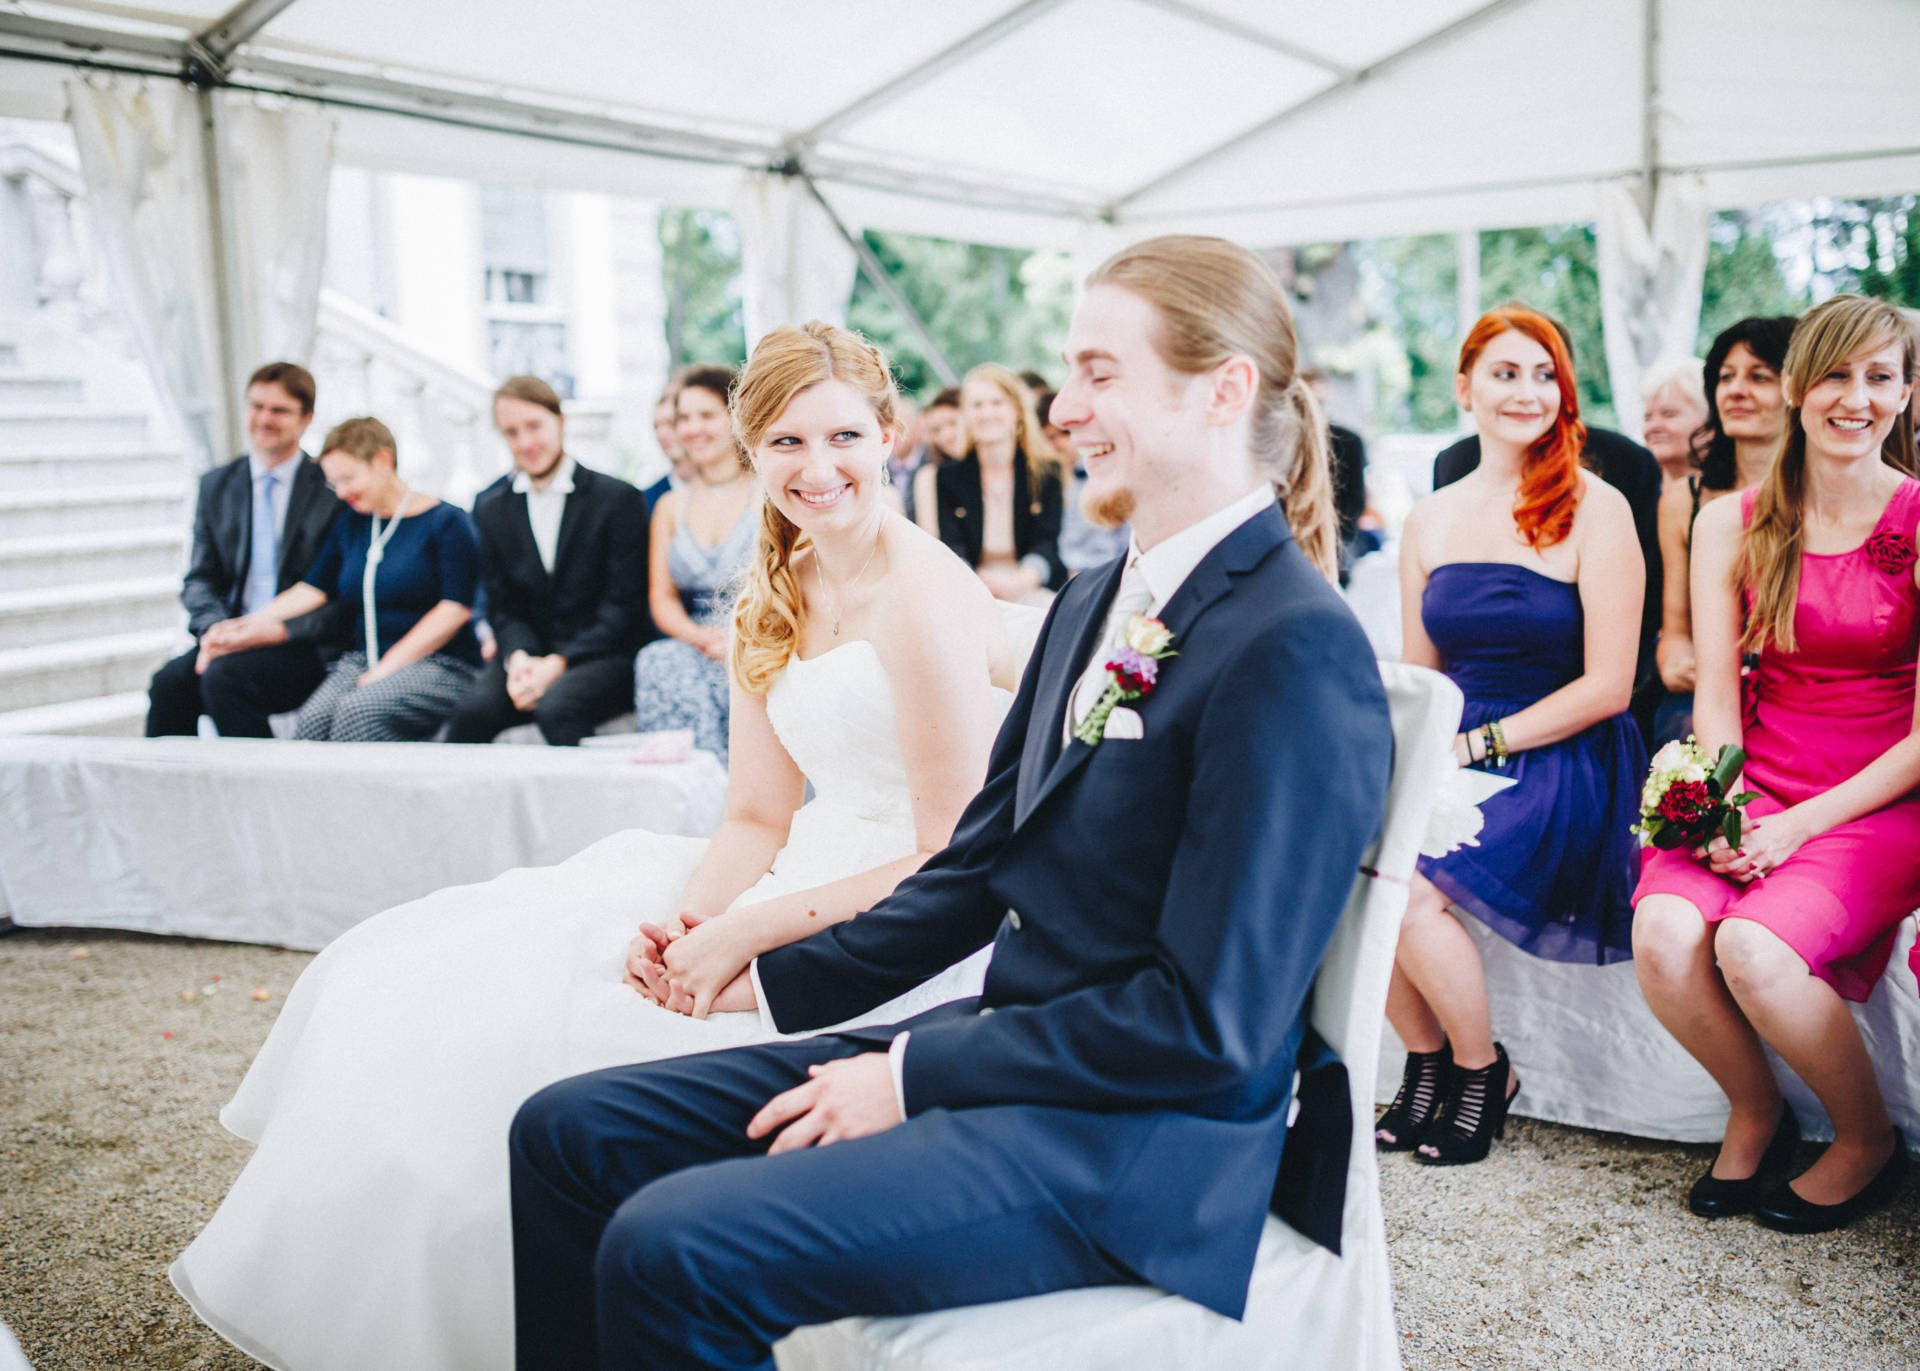 50mmfreunde Hochzeit Poesneck VillaAltenburg 09 - Freie Trauung in der Villa Altenburg